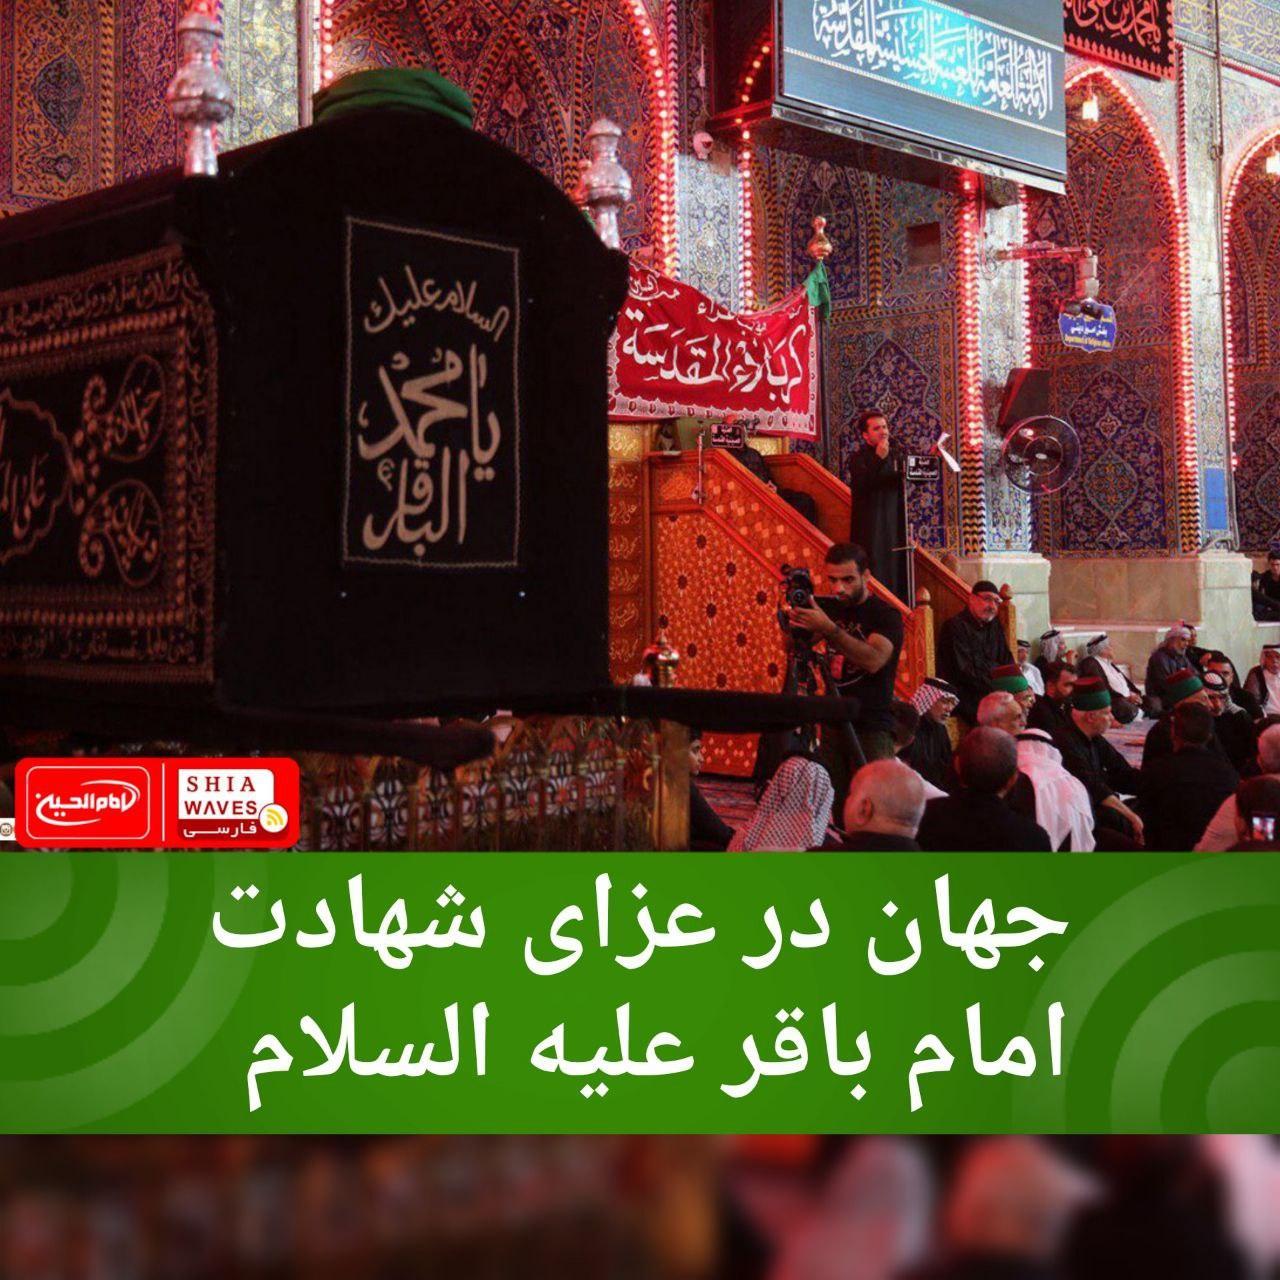 تصویر جهان در عزای شهادت امام باقر عليه السلام